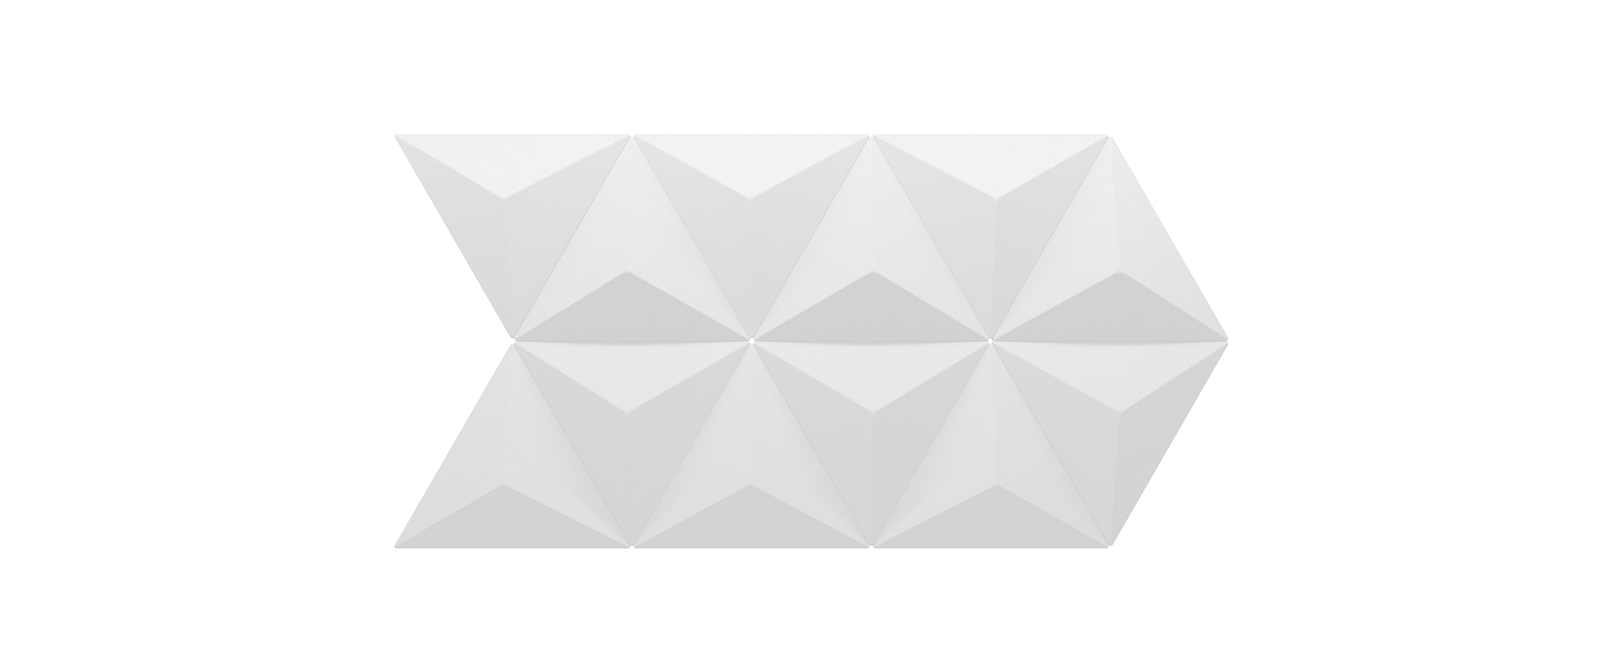 Autex Quietspace 3D-Tiles S-5.46   Civic